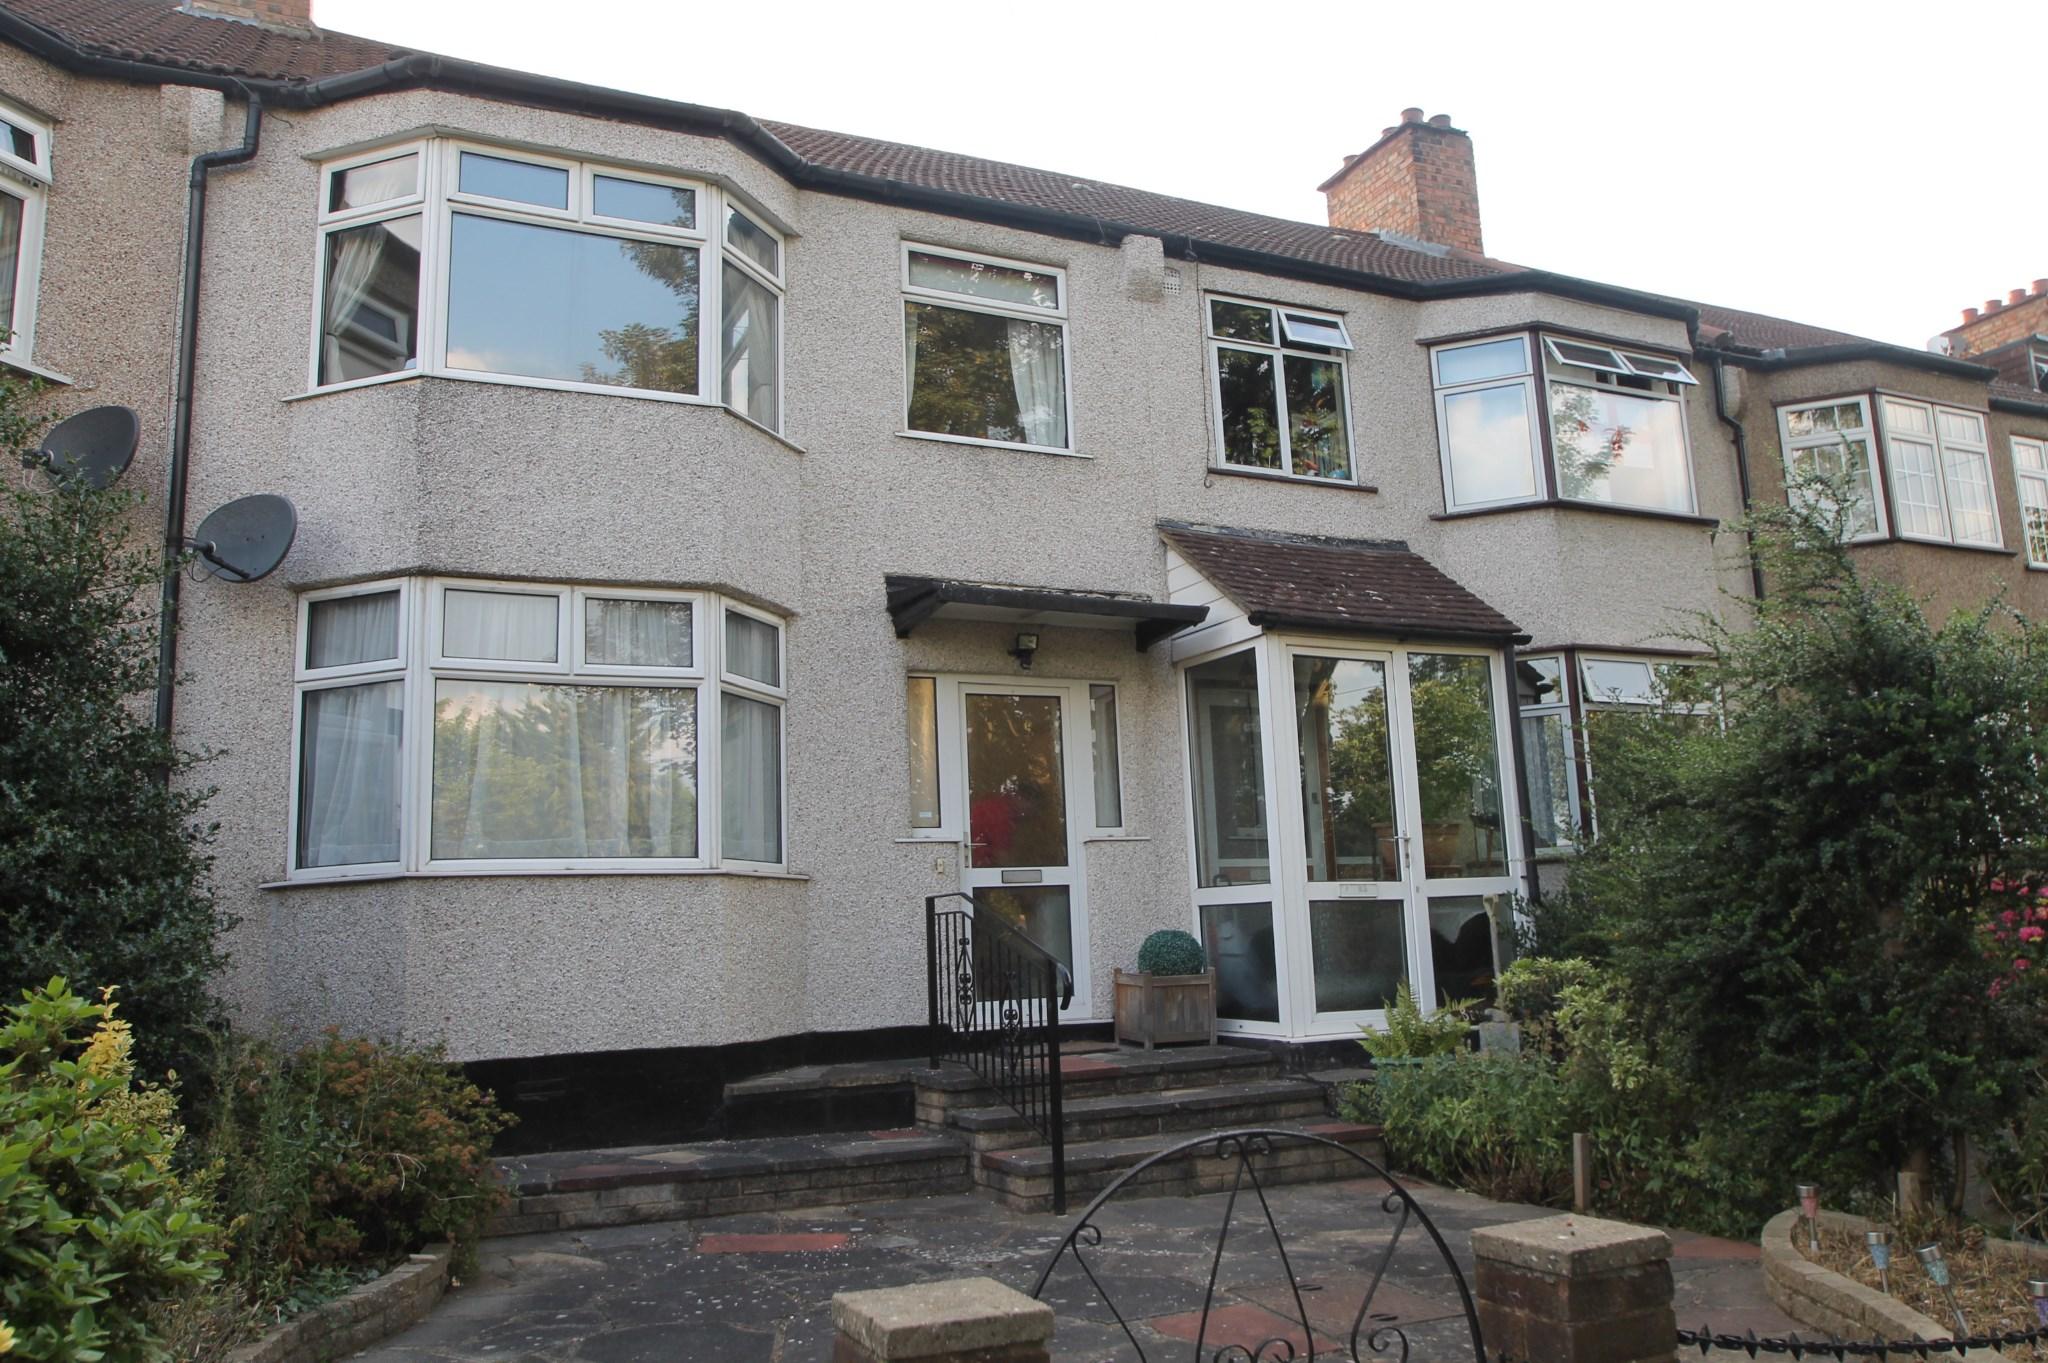 Hilliers Lane, Croydon, Surrey, CR0